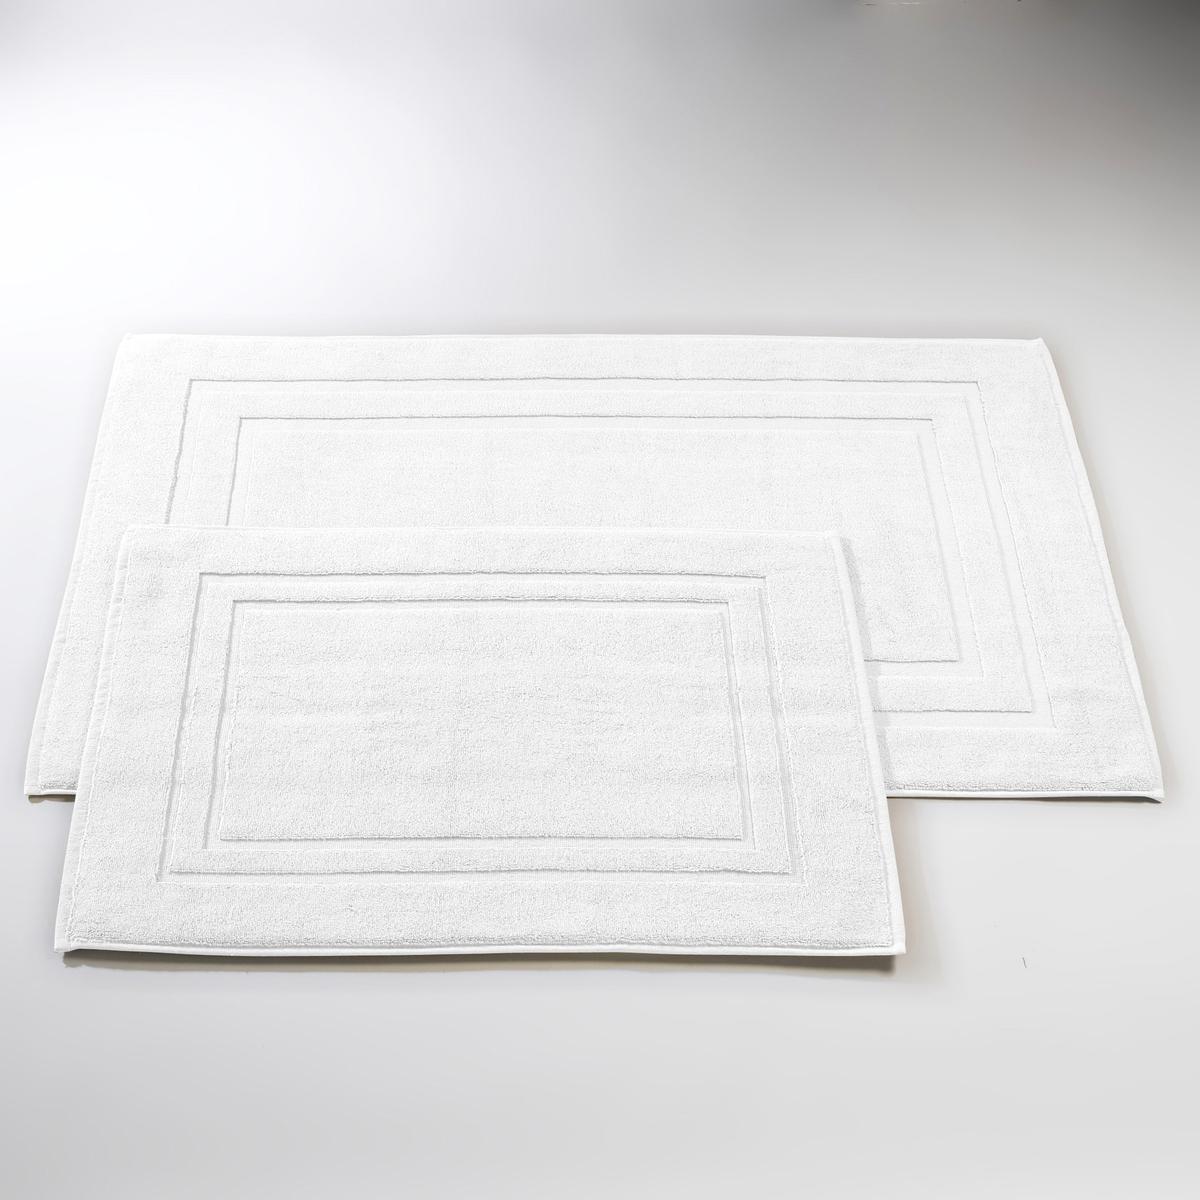 Коврик для ванной, 1100 г/м?, качество BestКоврик для ванной качества BEST    : удивительное ощущение тепла под ногами... Короткий и мягкий ворс, невероятная впитывающая способность и гамма изысканных расцветок .Есть модель в форме умывальника, 40 x 50 см, 50 x 70 см, 60 x 60 см, 60 x 100 см Характеристики коврика для ванной  :- Махровая ткань, 100% хлопок, очень густая и впитывающая (1100 г/м?).- Машинная стирка при 60 °С.Размеры коврика для ванной :40 x 50 см  коврик в форме умывальника50 x 70 см  : прямоугольный коврик. для душа- 60 x 60 см :  квадратный коврик для душа- 60 x 100 см : прямоугольный коврик. для ваннойПроизводство осуществляется с учетом стандартов по защите окружающей среды и здоровья человека, что подтверждено сертификатом Oeko-tex®.  .<br><br>Цвет: бежевый,белый,гранатовый,зелено-синий,зеленый мох,розовая пудра,светло-серый,светло-синий,Серо-синий,синий морской,темно-серый,фиолетовый,шафран<br>Размер: 40x50 cm.60x100 cm.40x50 cm.50 x 70  см